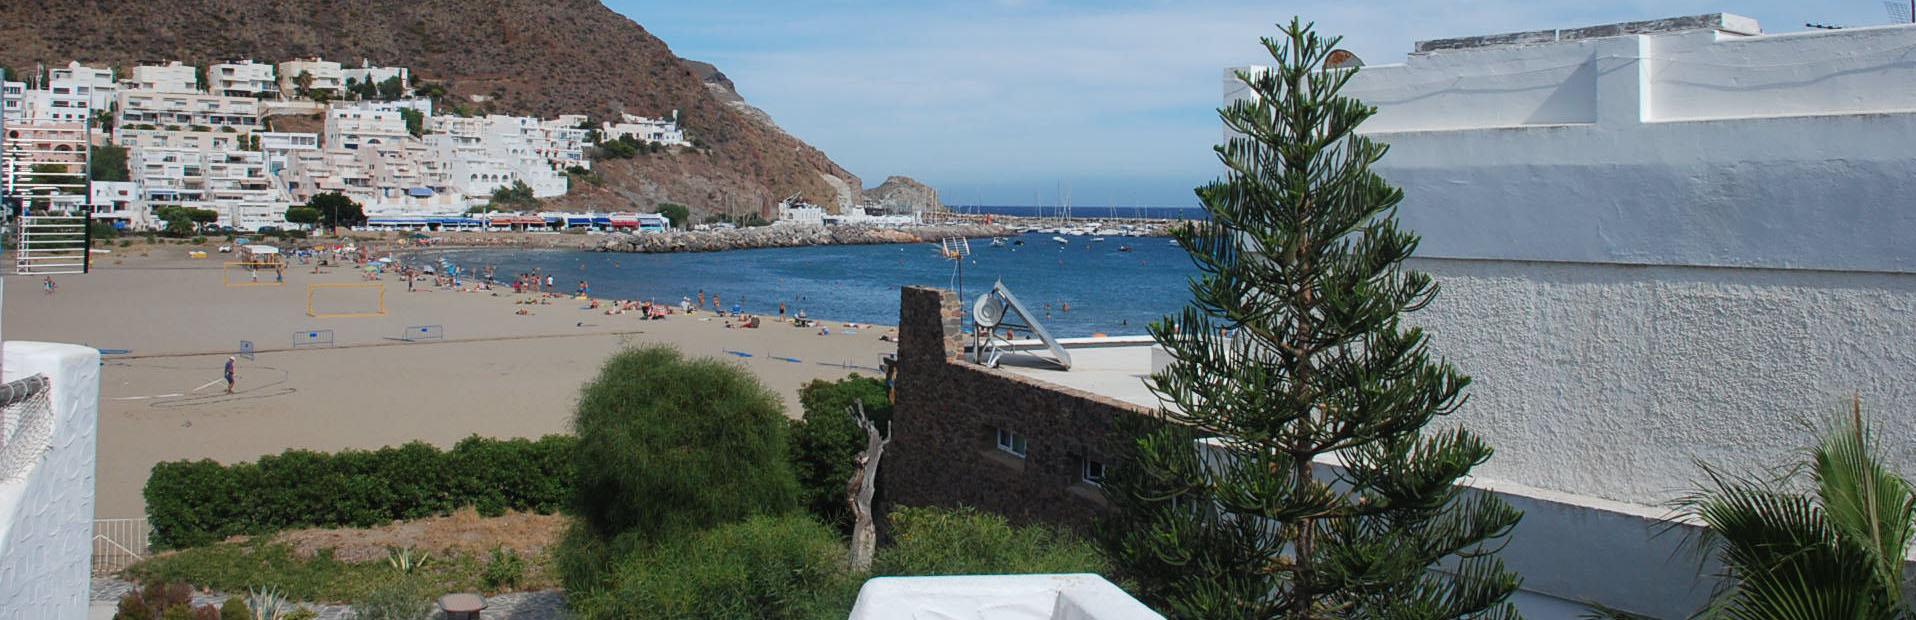 Casa kerstin casa de vacaciones en san jos cabo de gata - Casas en san jose almeria ...